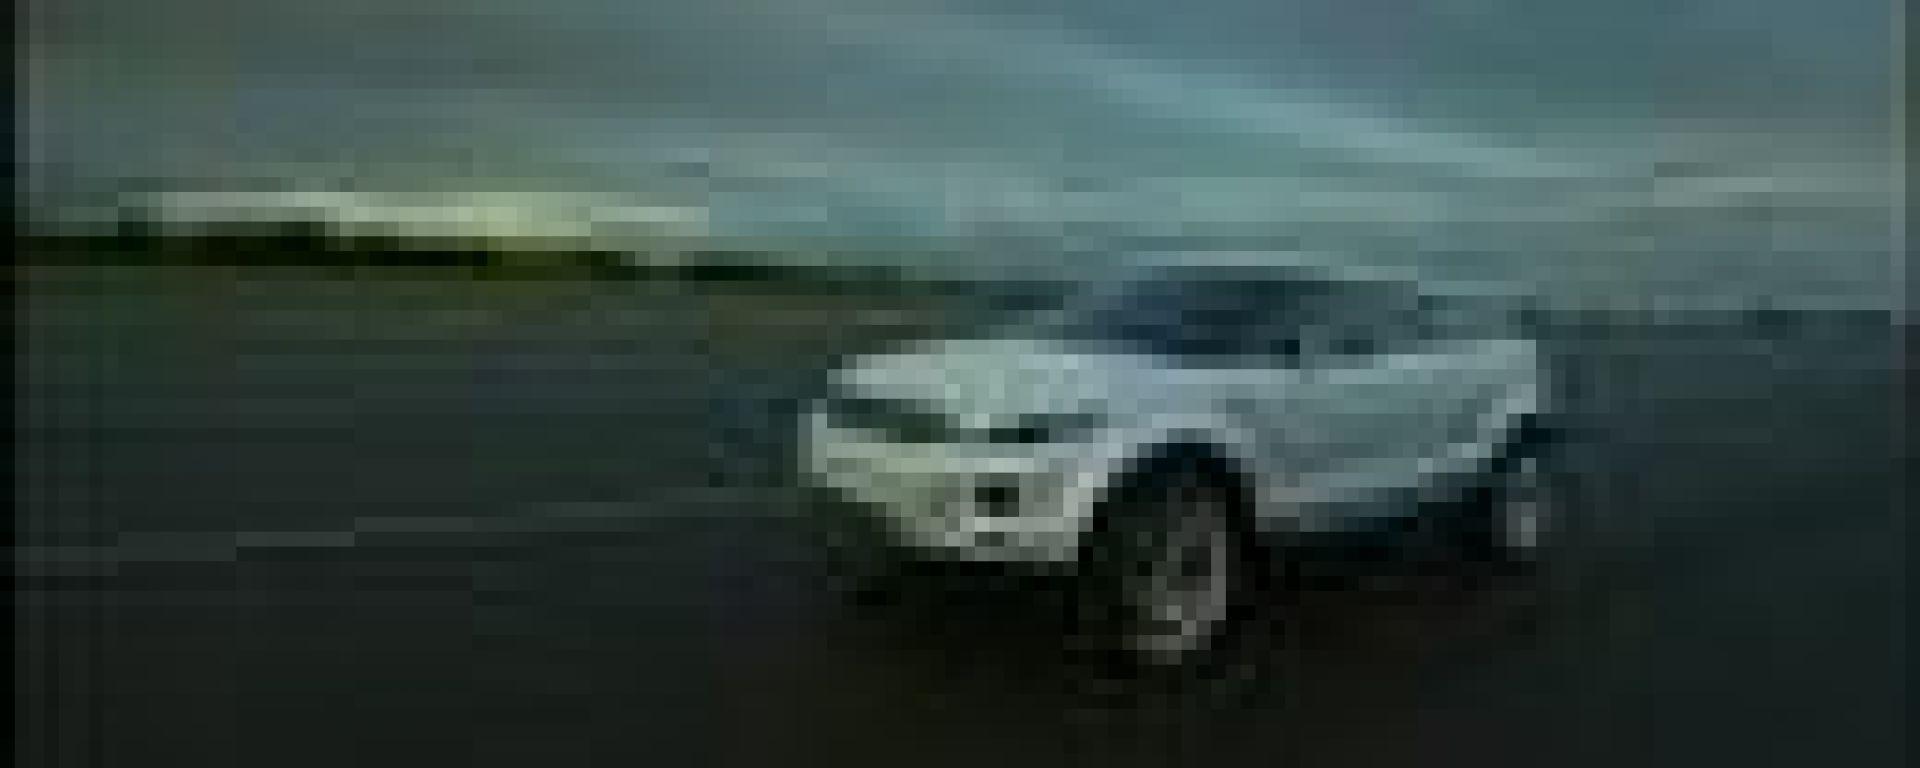 Land Rover LRX Concept NAIAS 2008